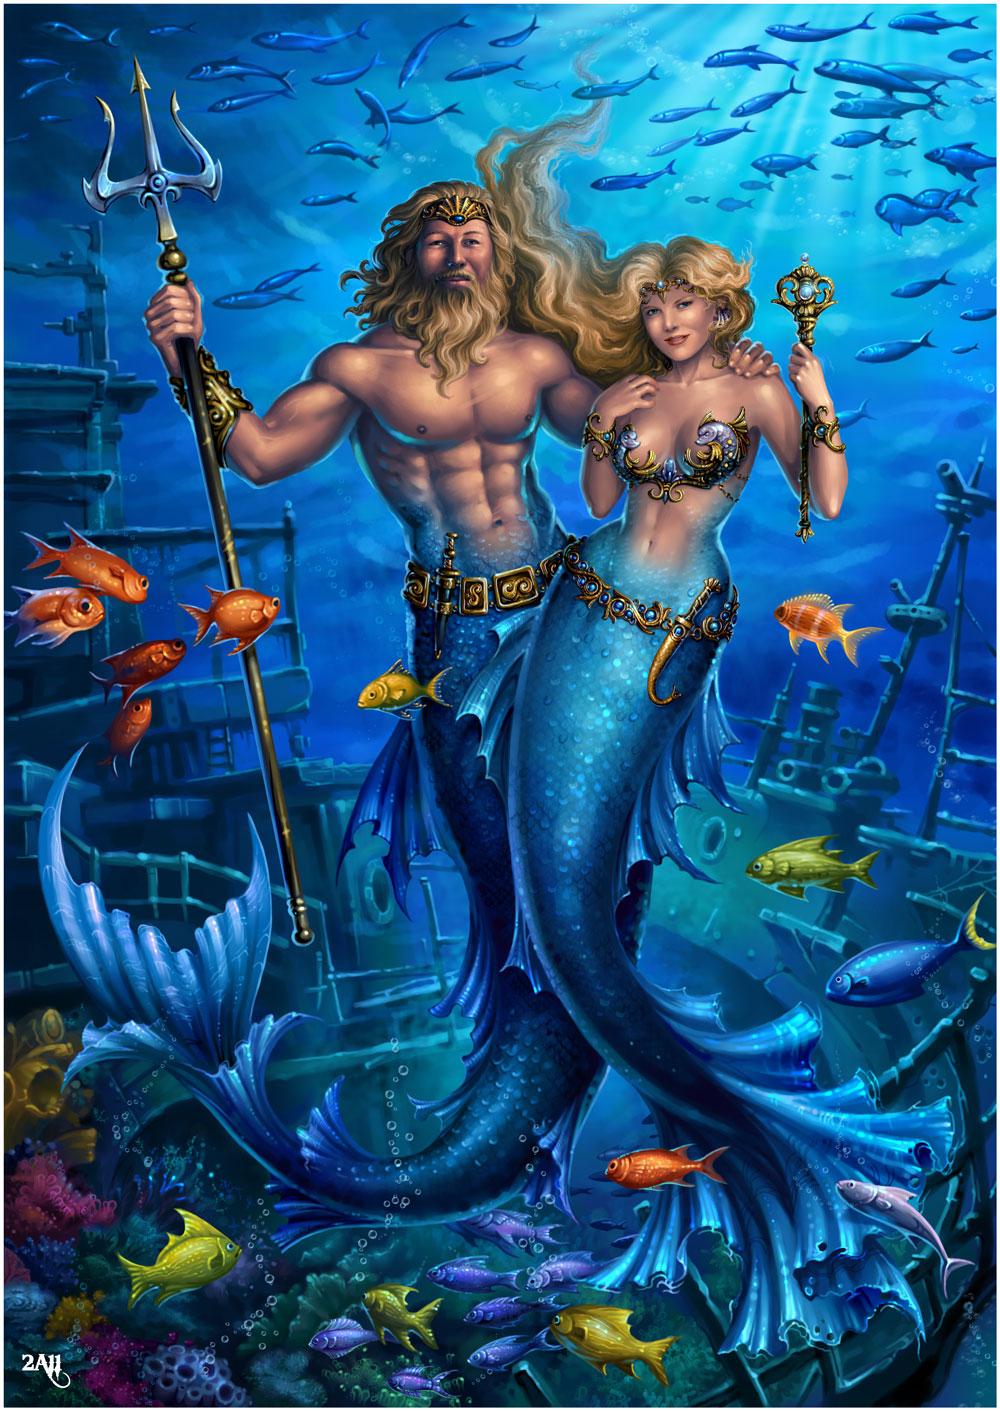 бывает поздравление с днем рождения от нептуна и русалок как жилых